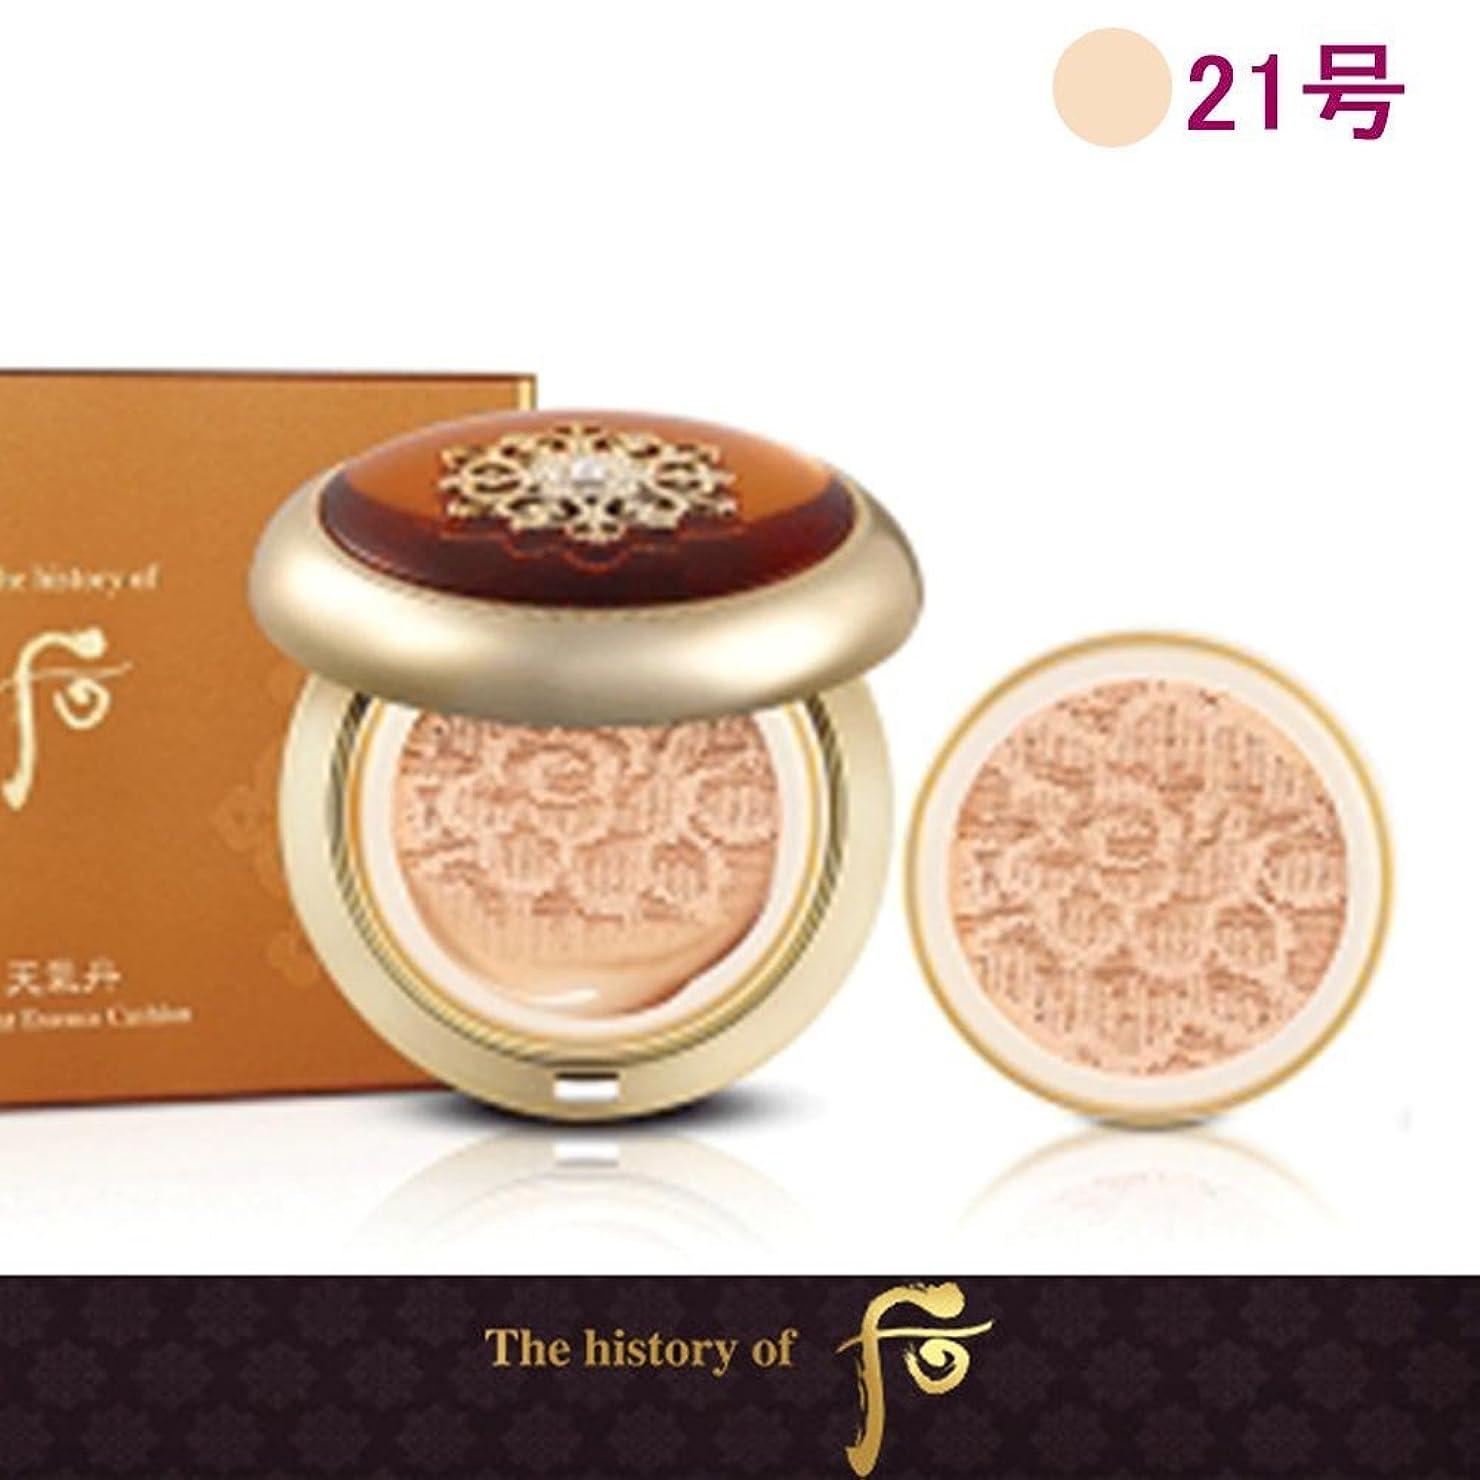 コーデリア見捨てられた無駄【フー/ The history of whoo] Whoo后 Hwahyuon Luxury Cushion /后(フー)よりヒストリー?オブ?後チョンギダン高級化現象の本質クッション(本品1個+リフィル1個)+[Sample Gift](海外直送品) (21号)